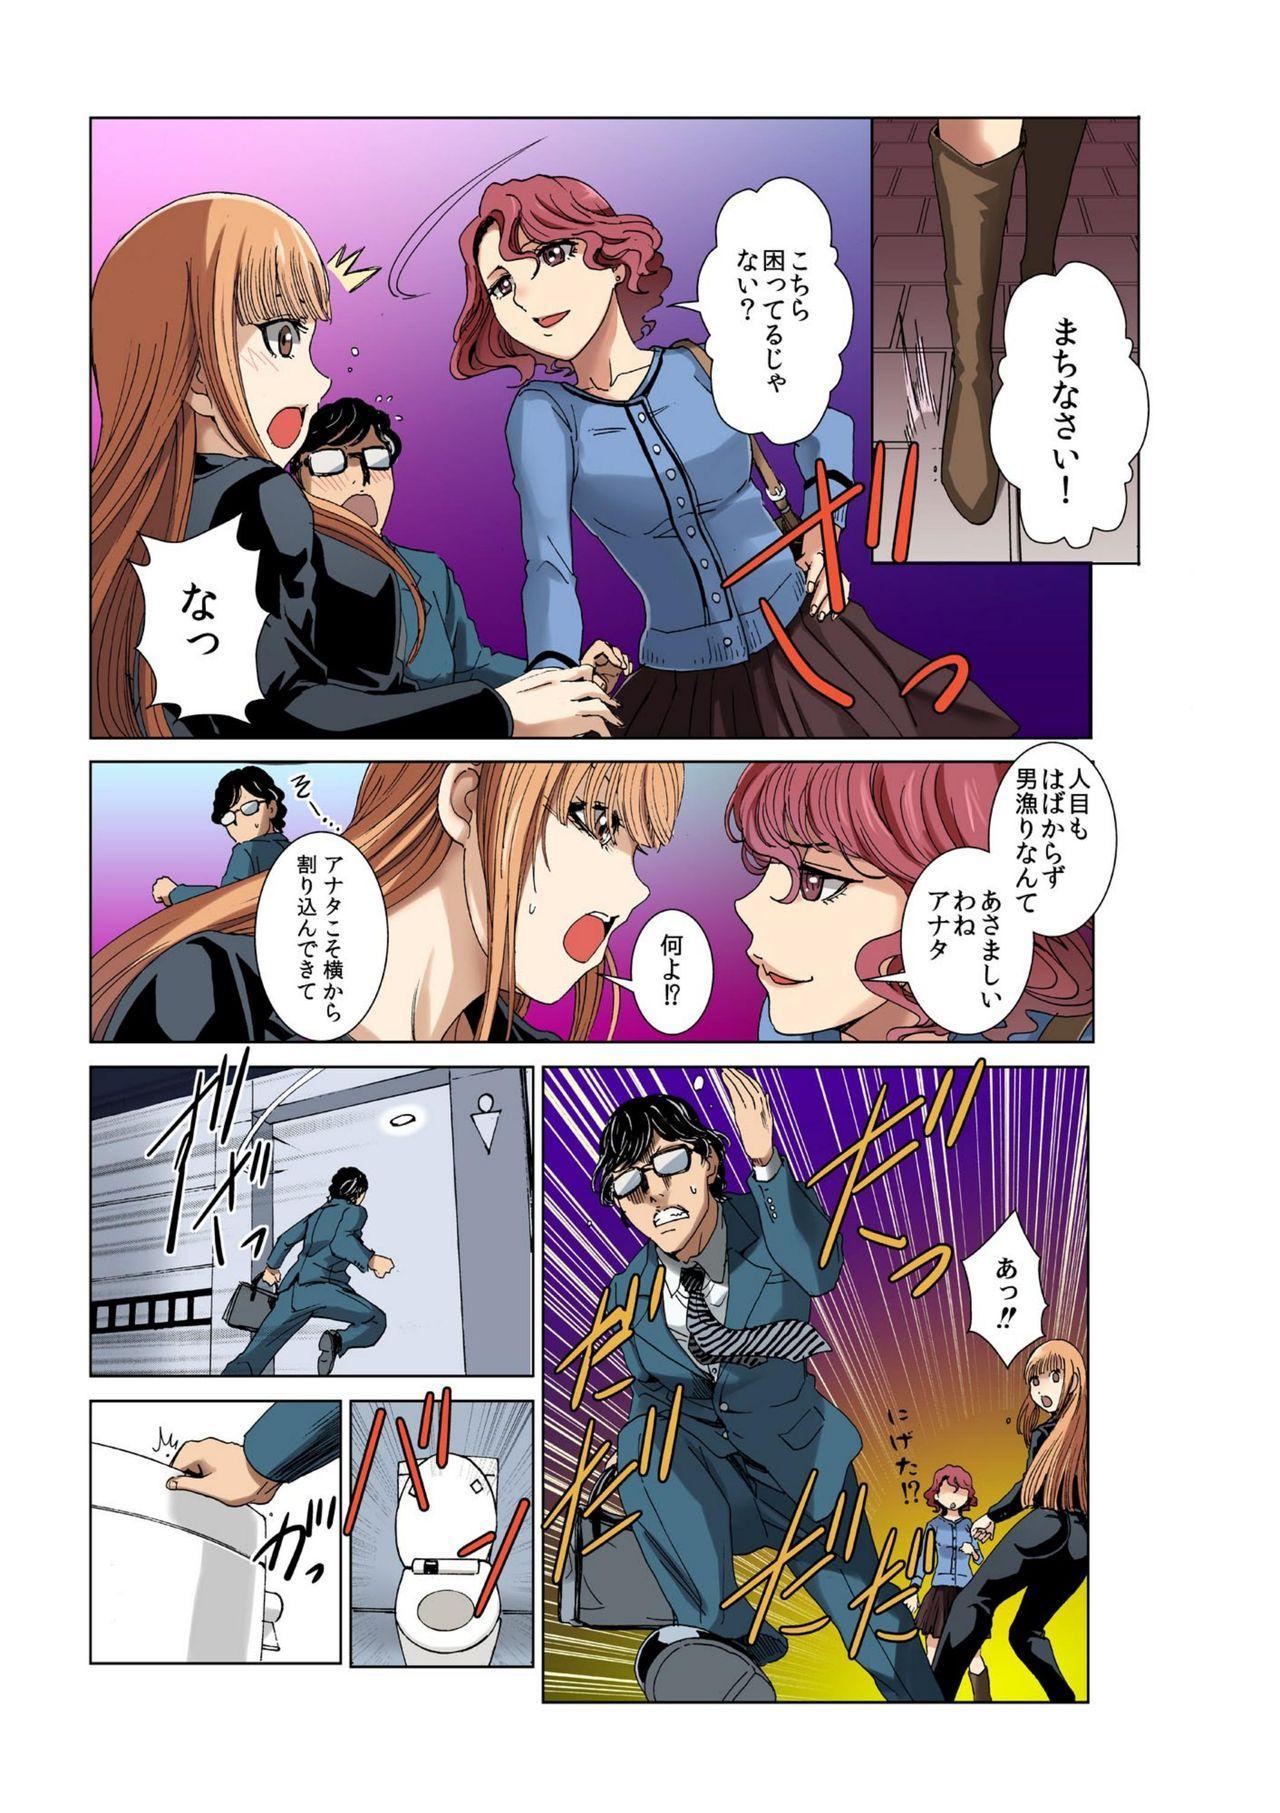 [Rurukichi] Seishi ga Kane ni Naru Jidai ~Mesubuta ga Muragaru Ore-sama no Kokan~ 1 11